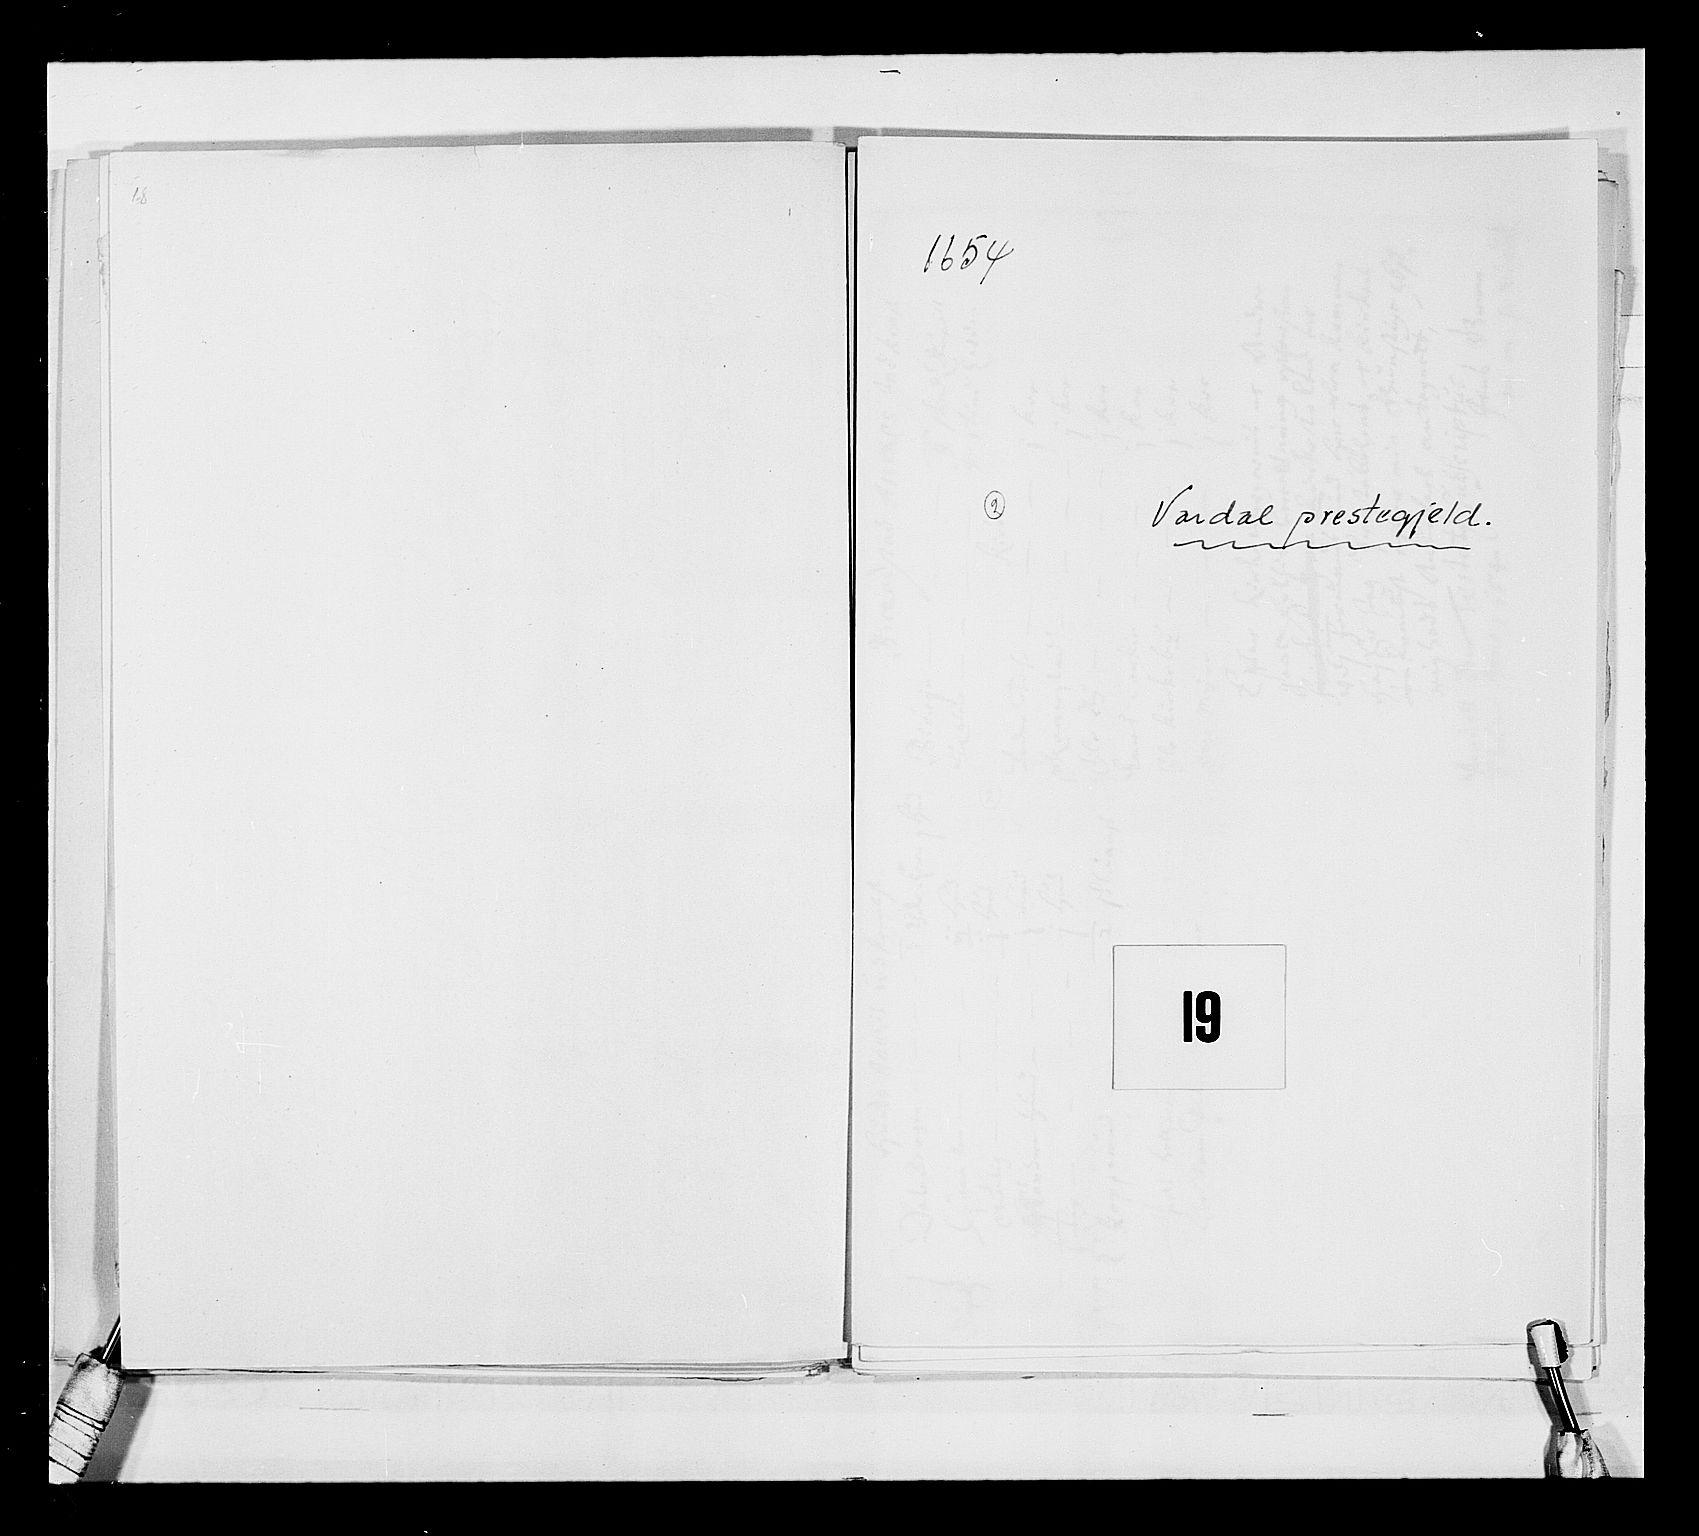 RA, Stattholderembetet 1572-1771, Ek/L0030: Jordebøker 1633-1658:, 1654, s. 79